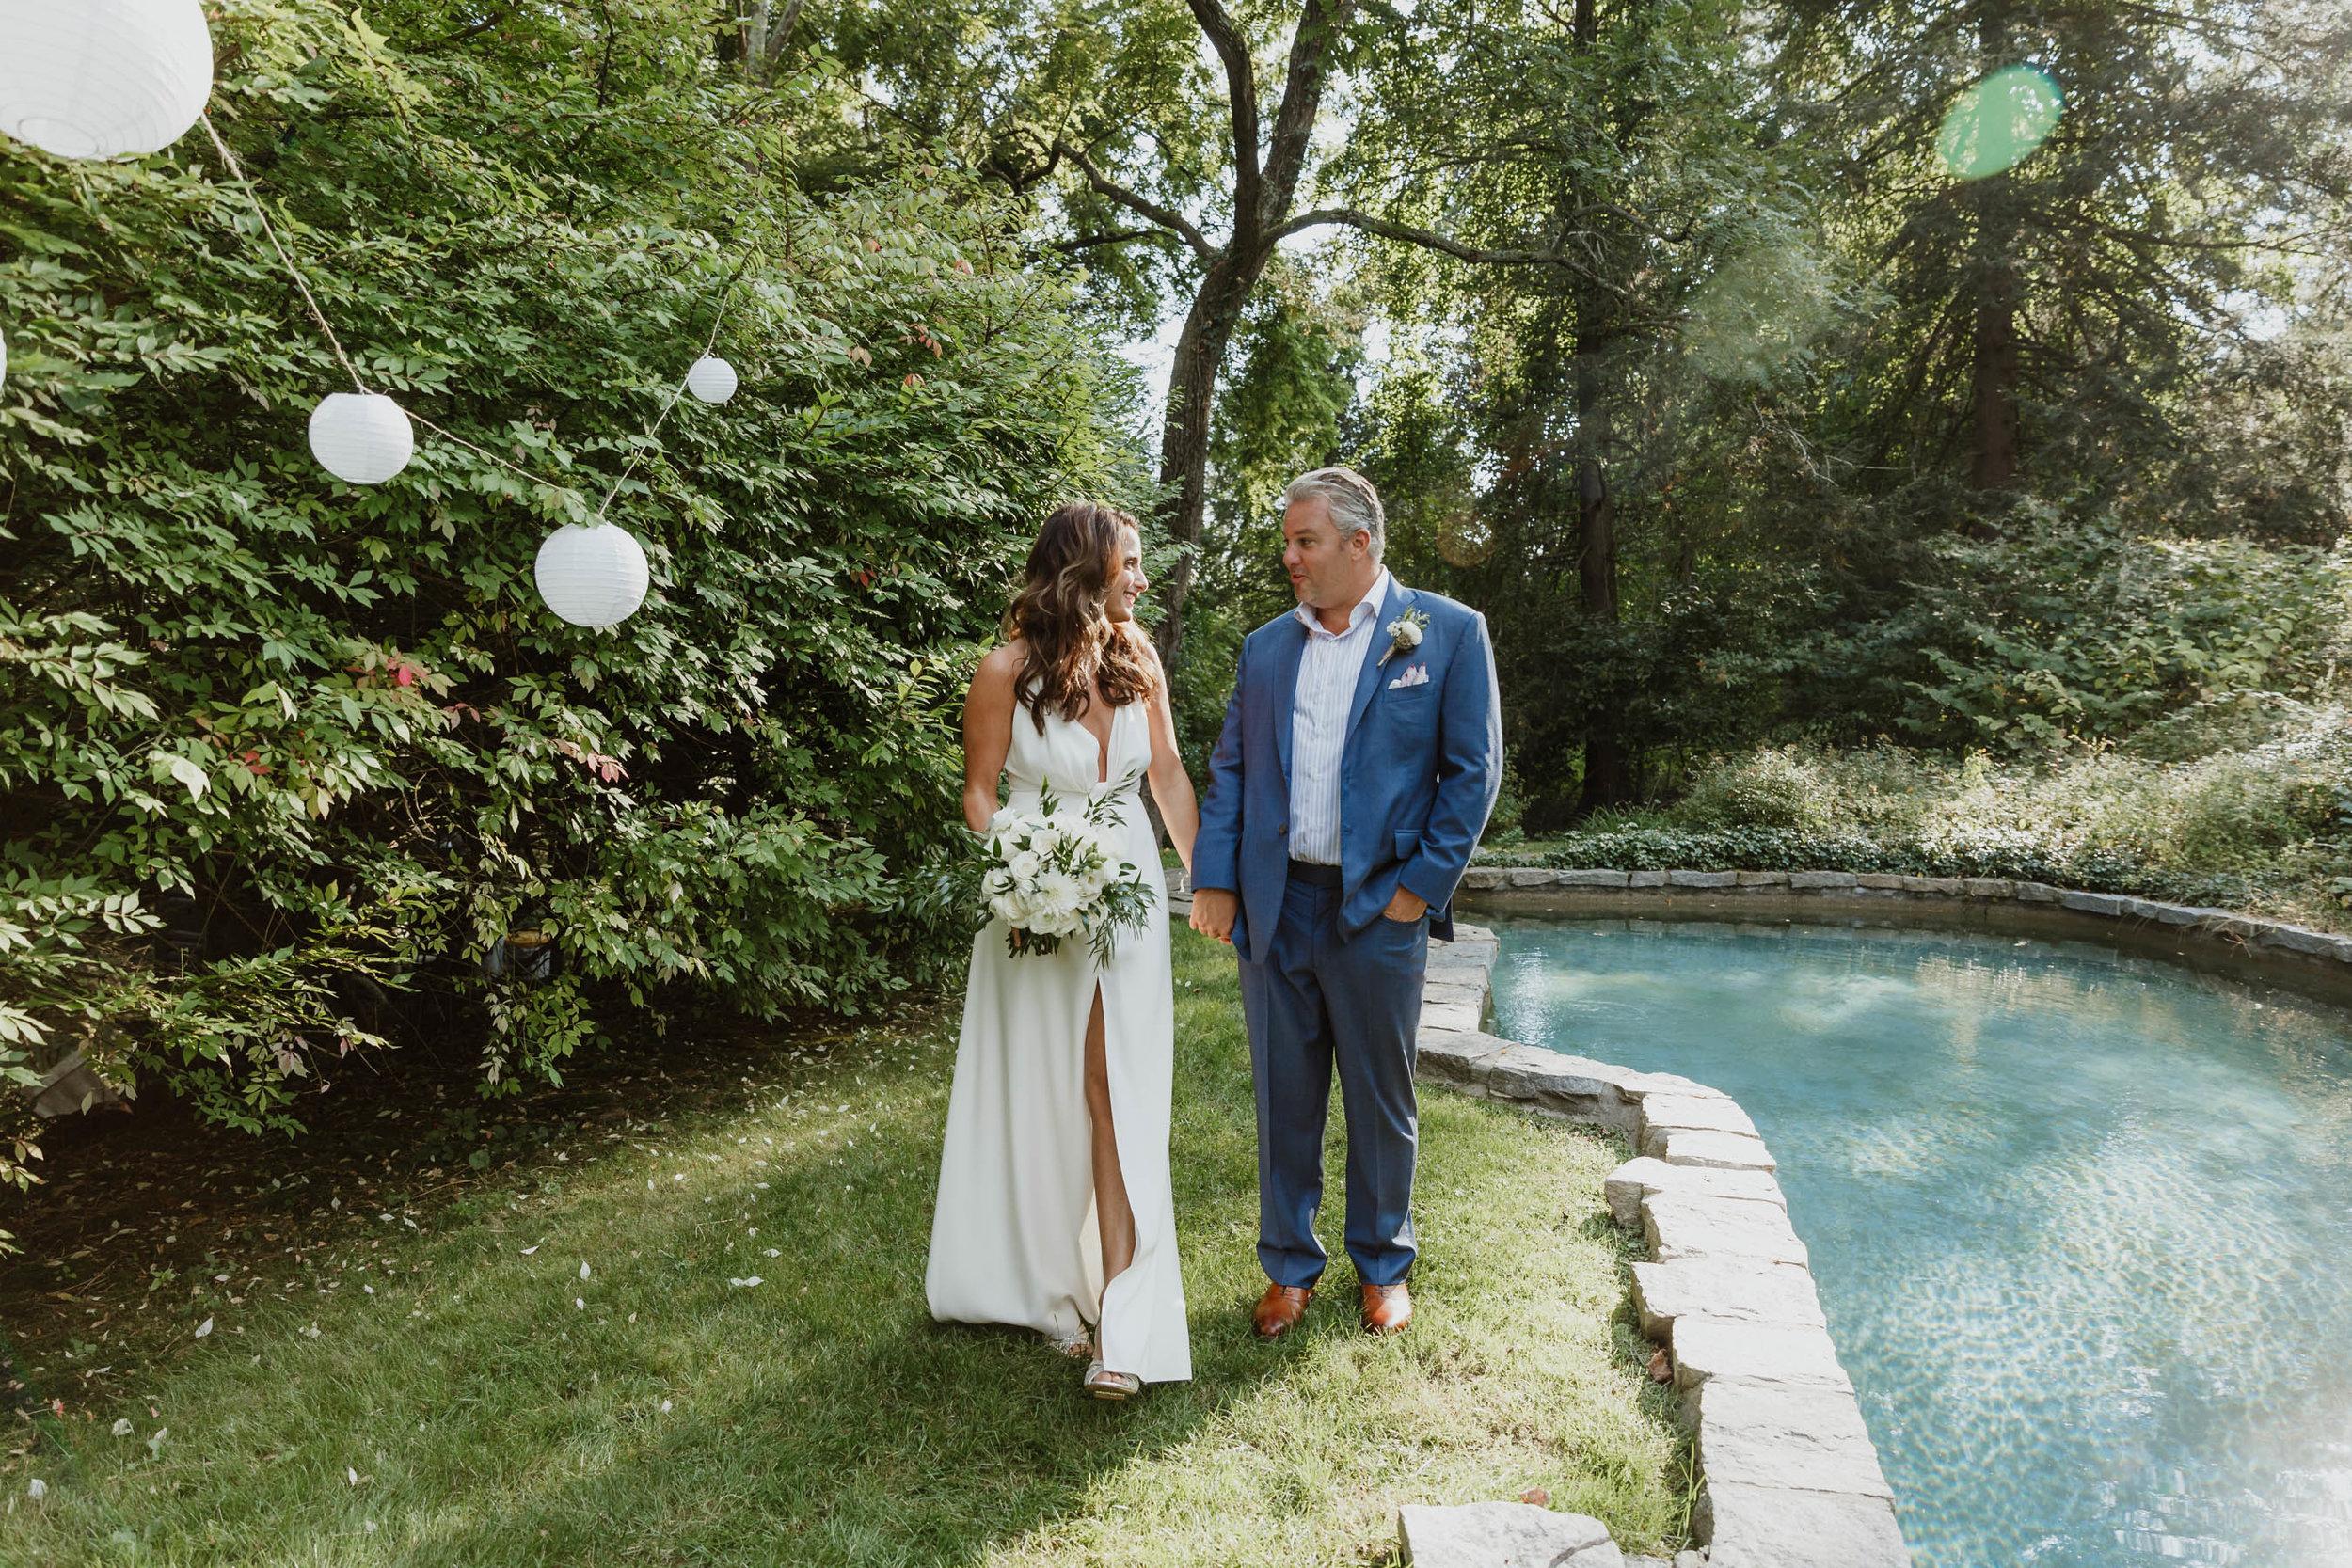 fairfield-county-connecticut-backyard-wedding-photographer--33.jpg